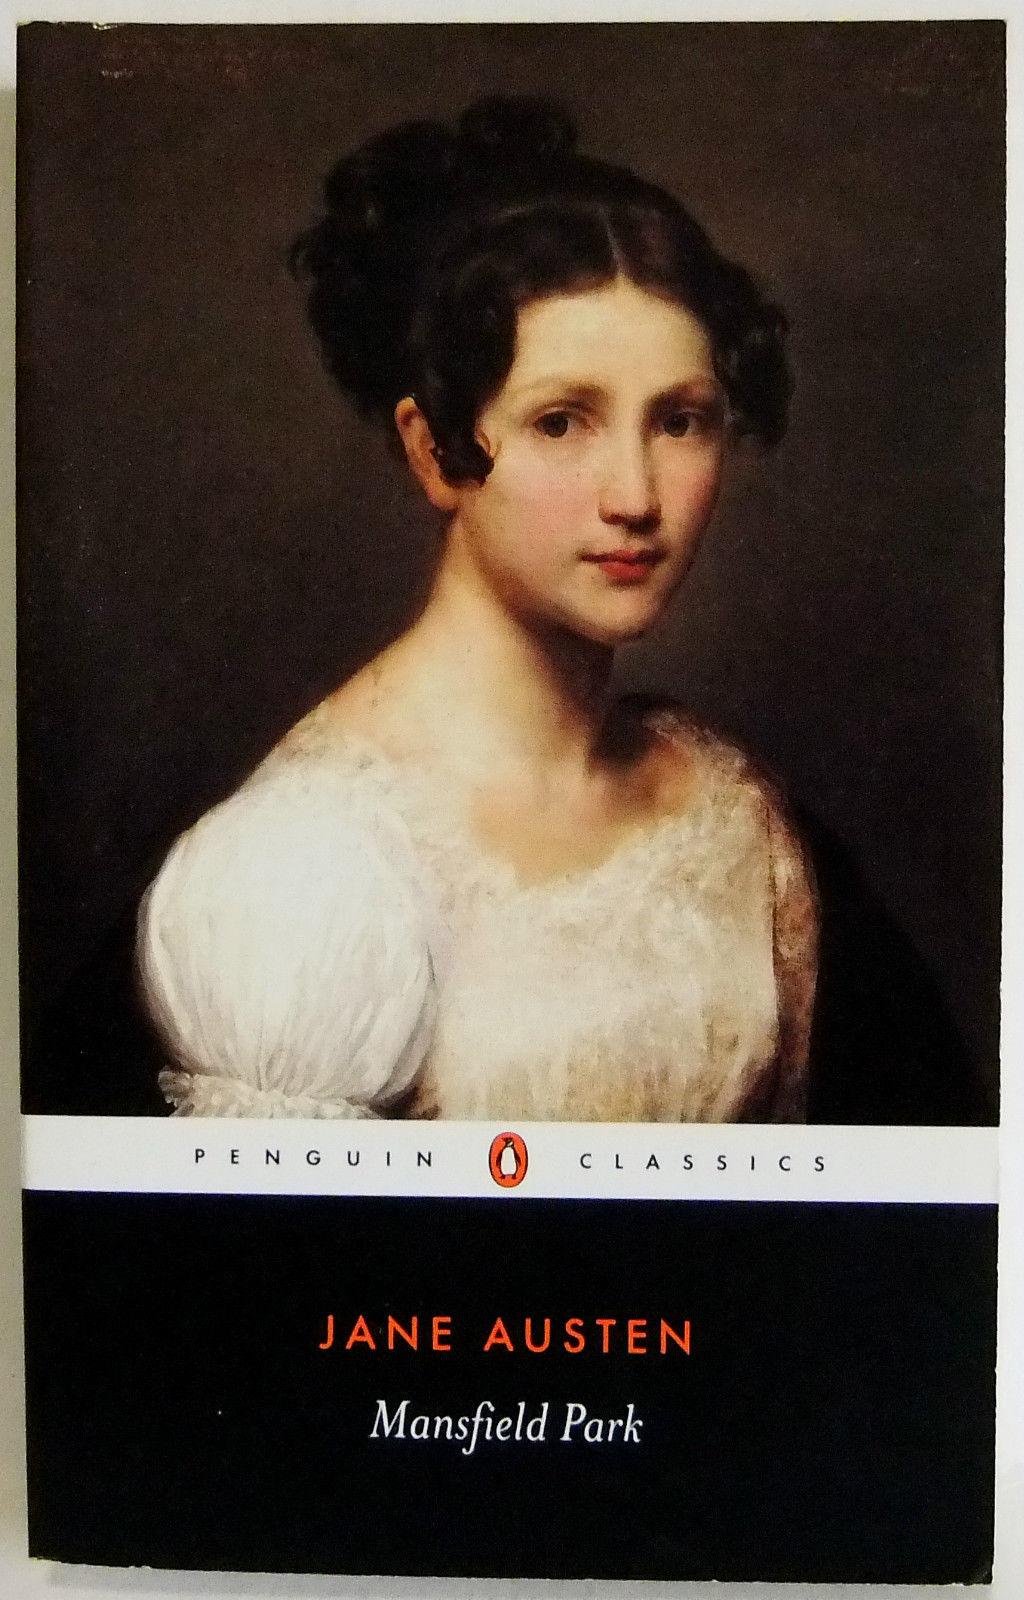 Literary analysis of persuasion by jane austen